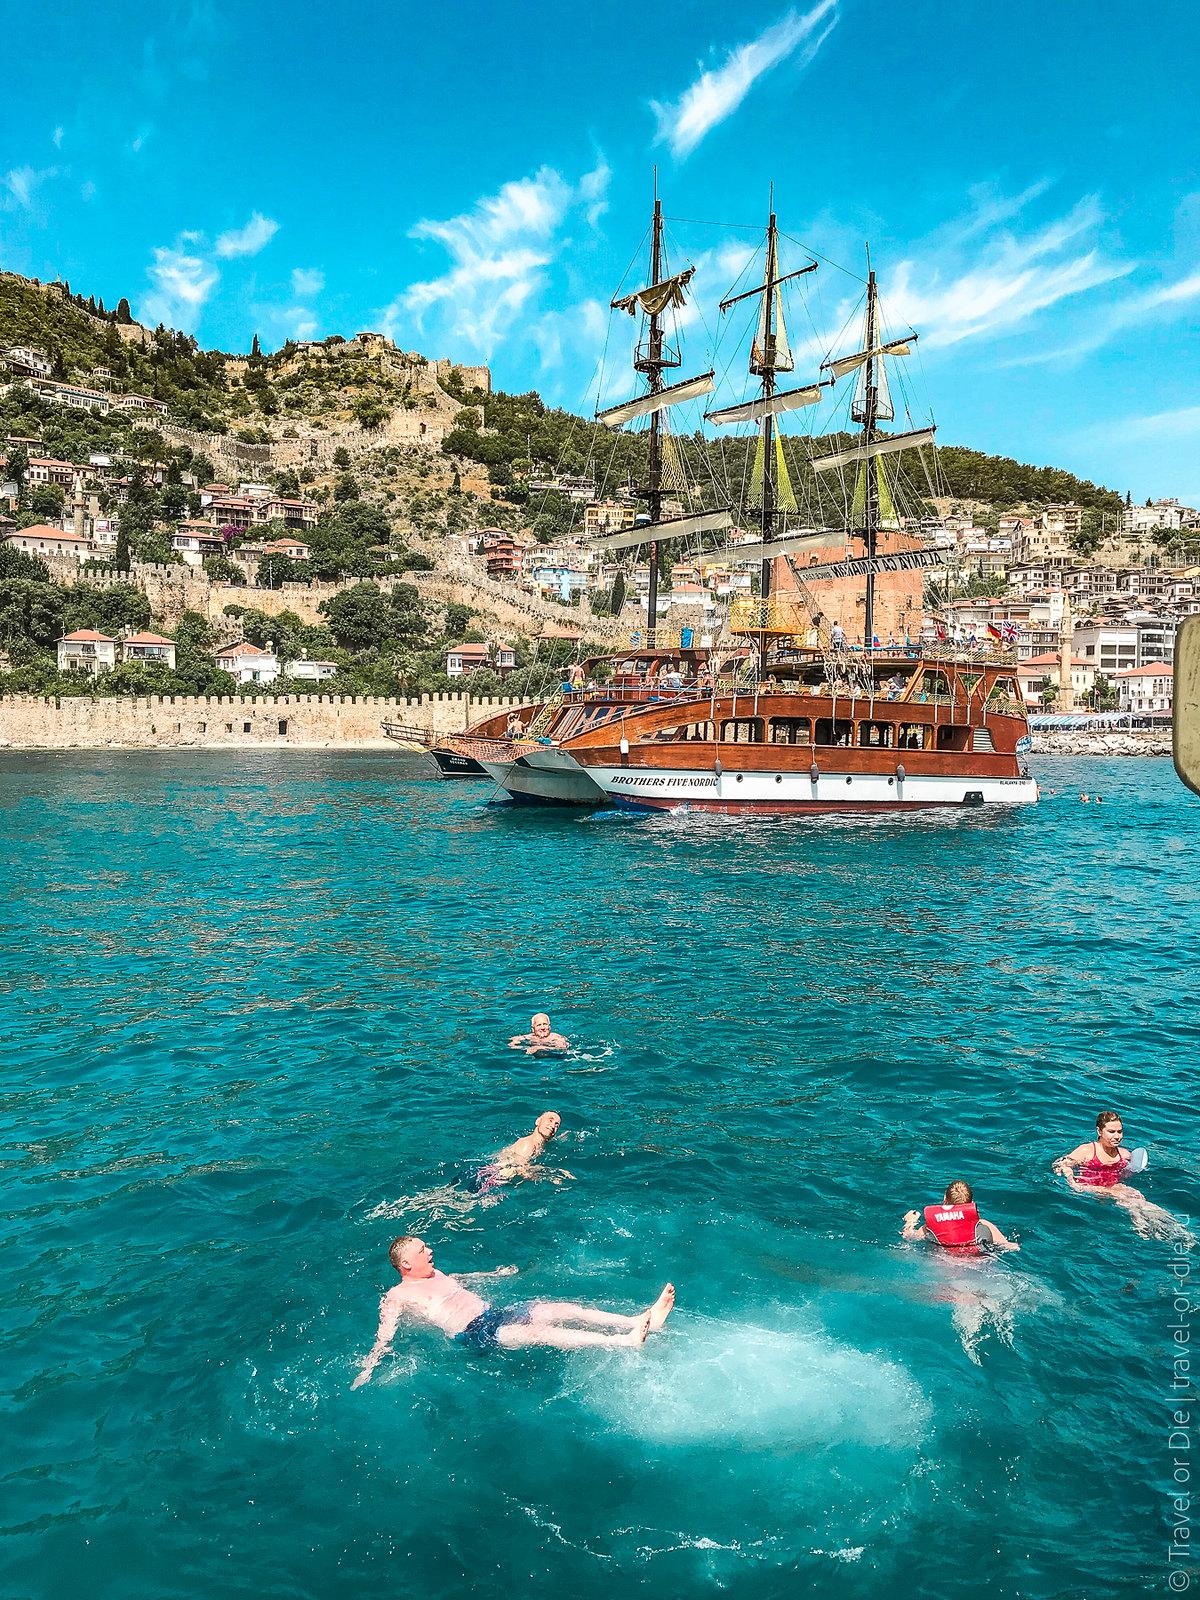 Pirate-Yacht-Alanya-Прогулка-на-пиратской-яхте-в-Алании-7105